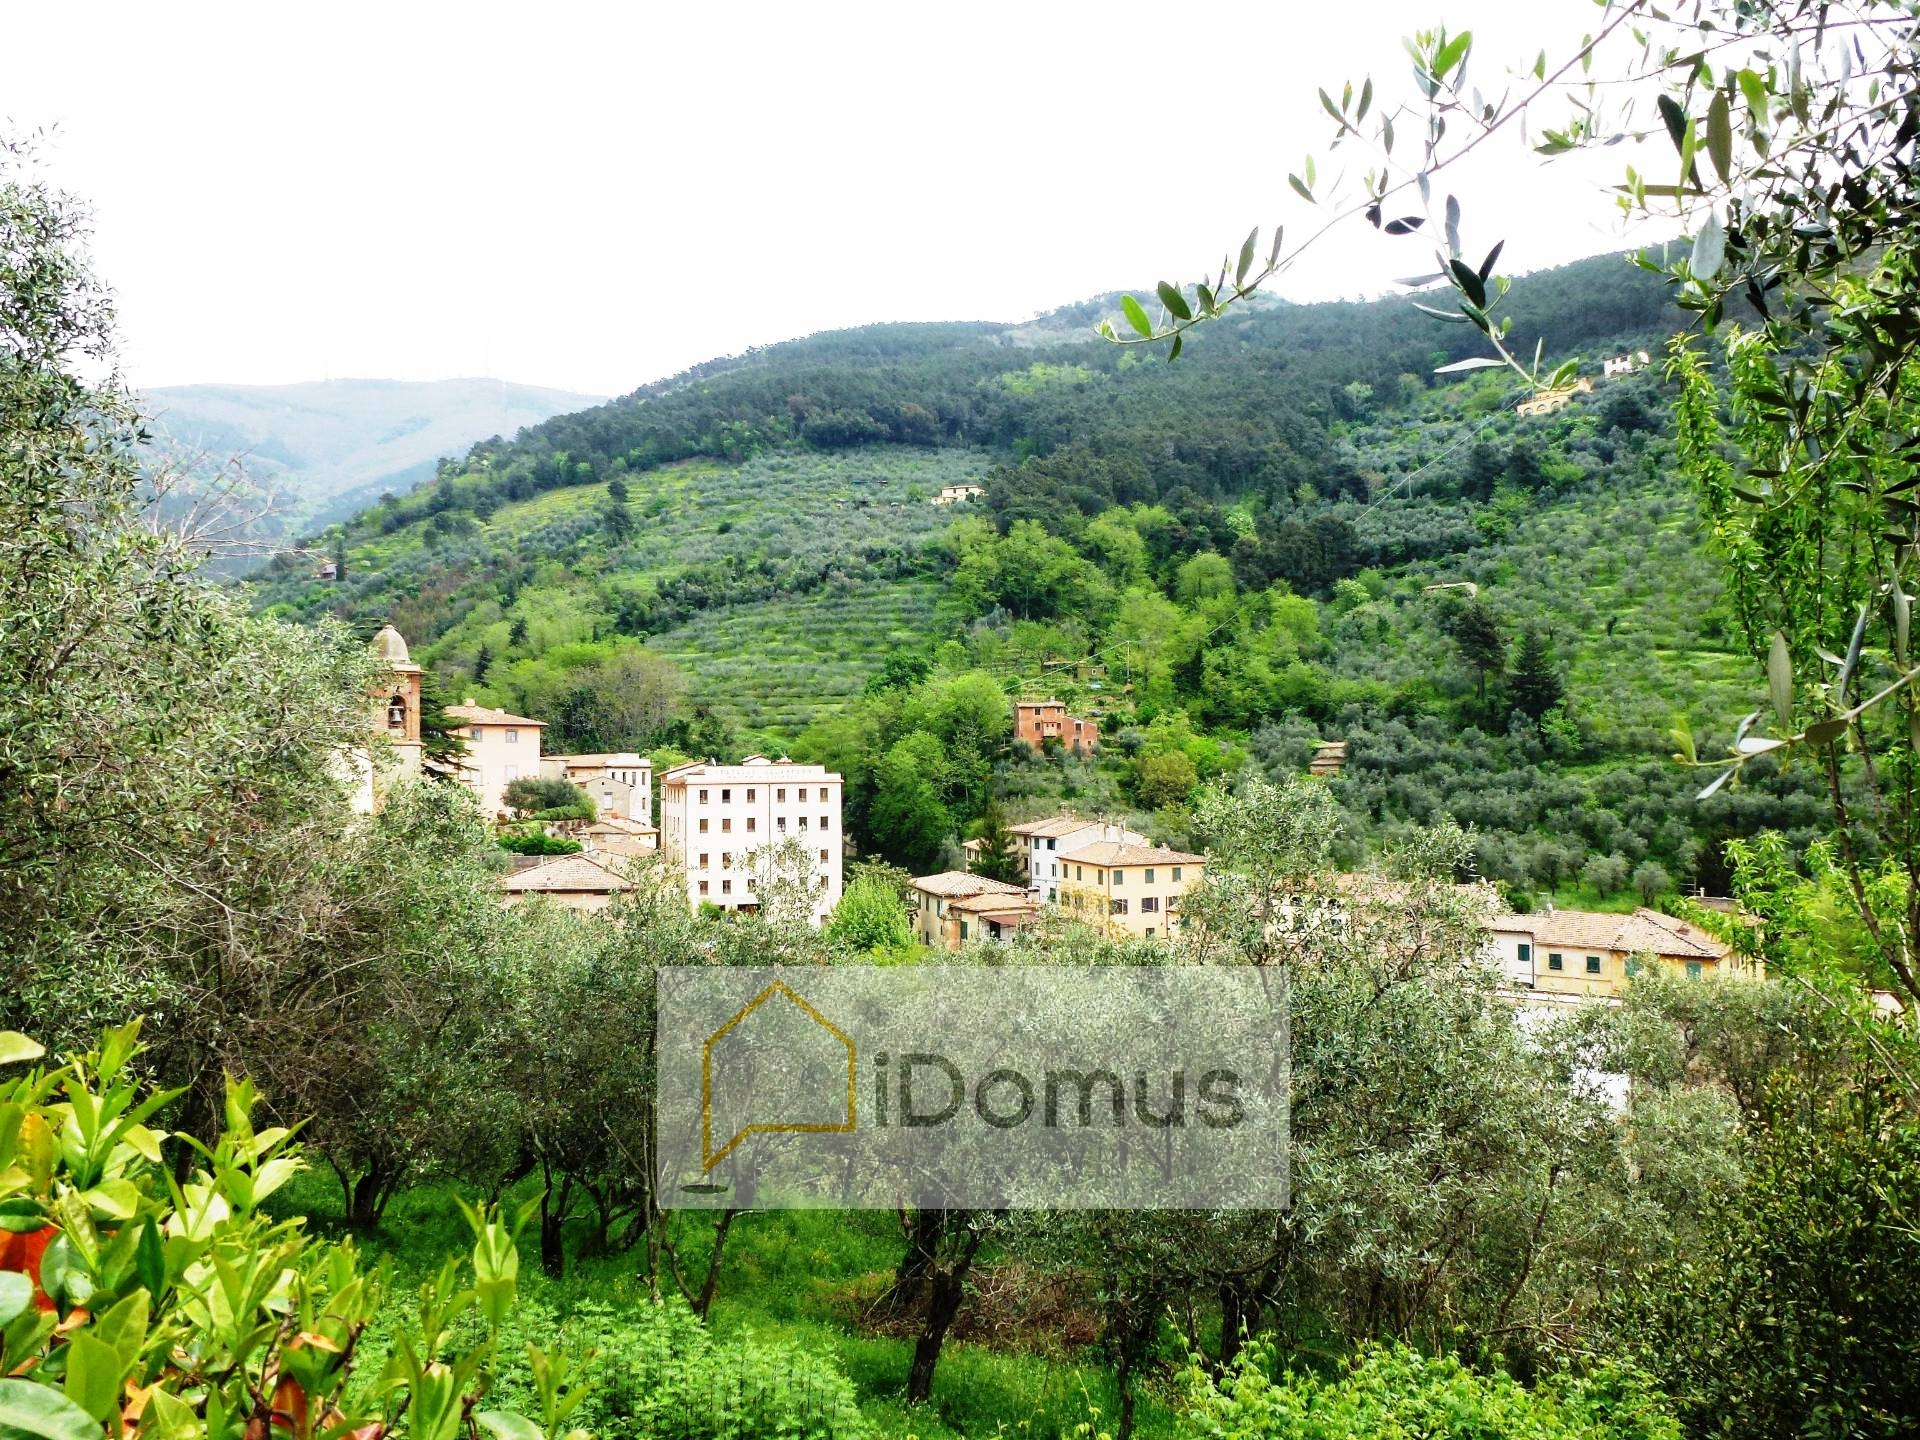 Rustico / Casale in vendita a Calci, 5 locali, zona Località: CastelMaggiore, prezzo € 210.000 | Cambio Casa.it